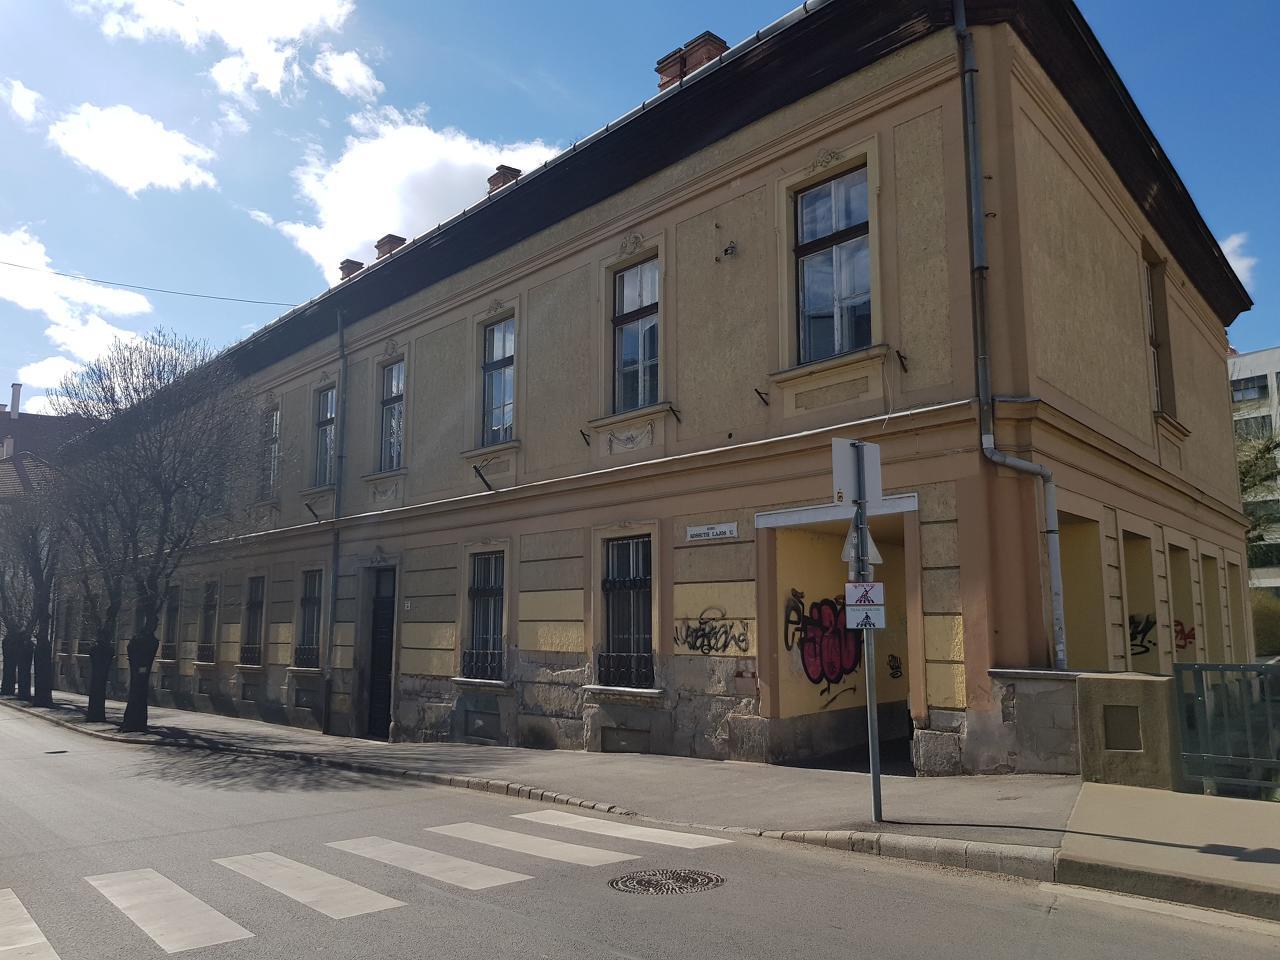 Kossuth 15.